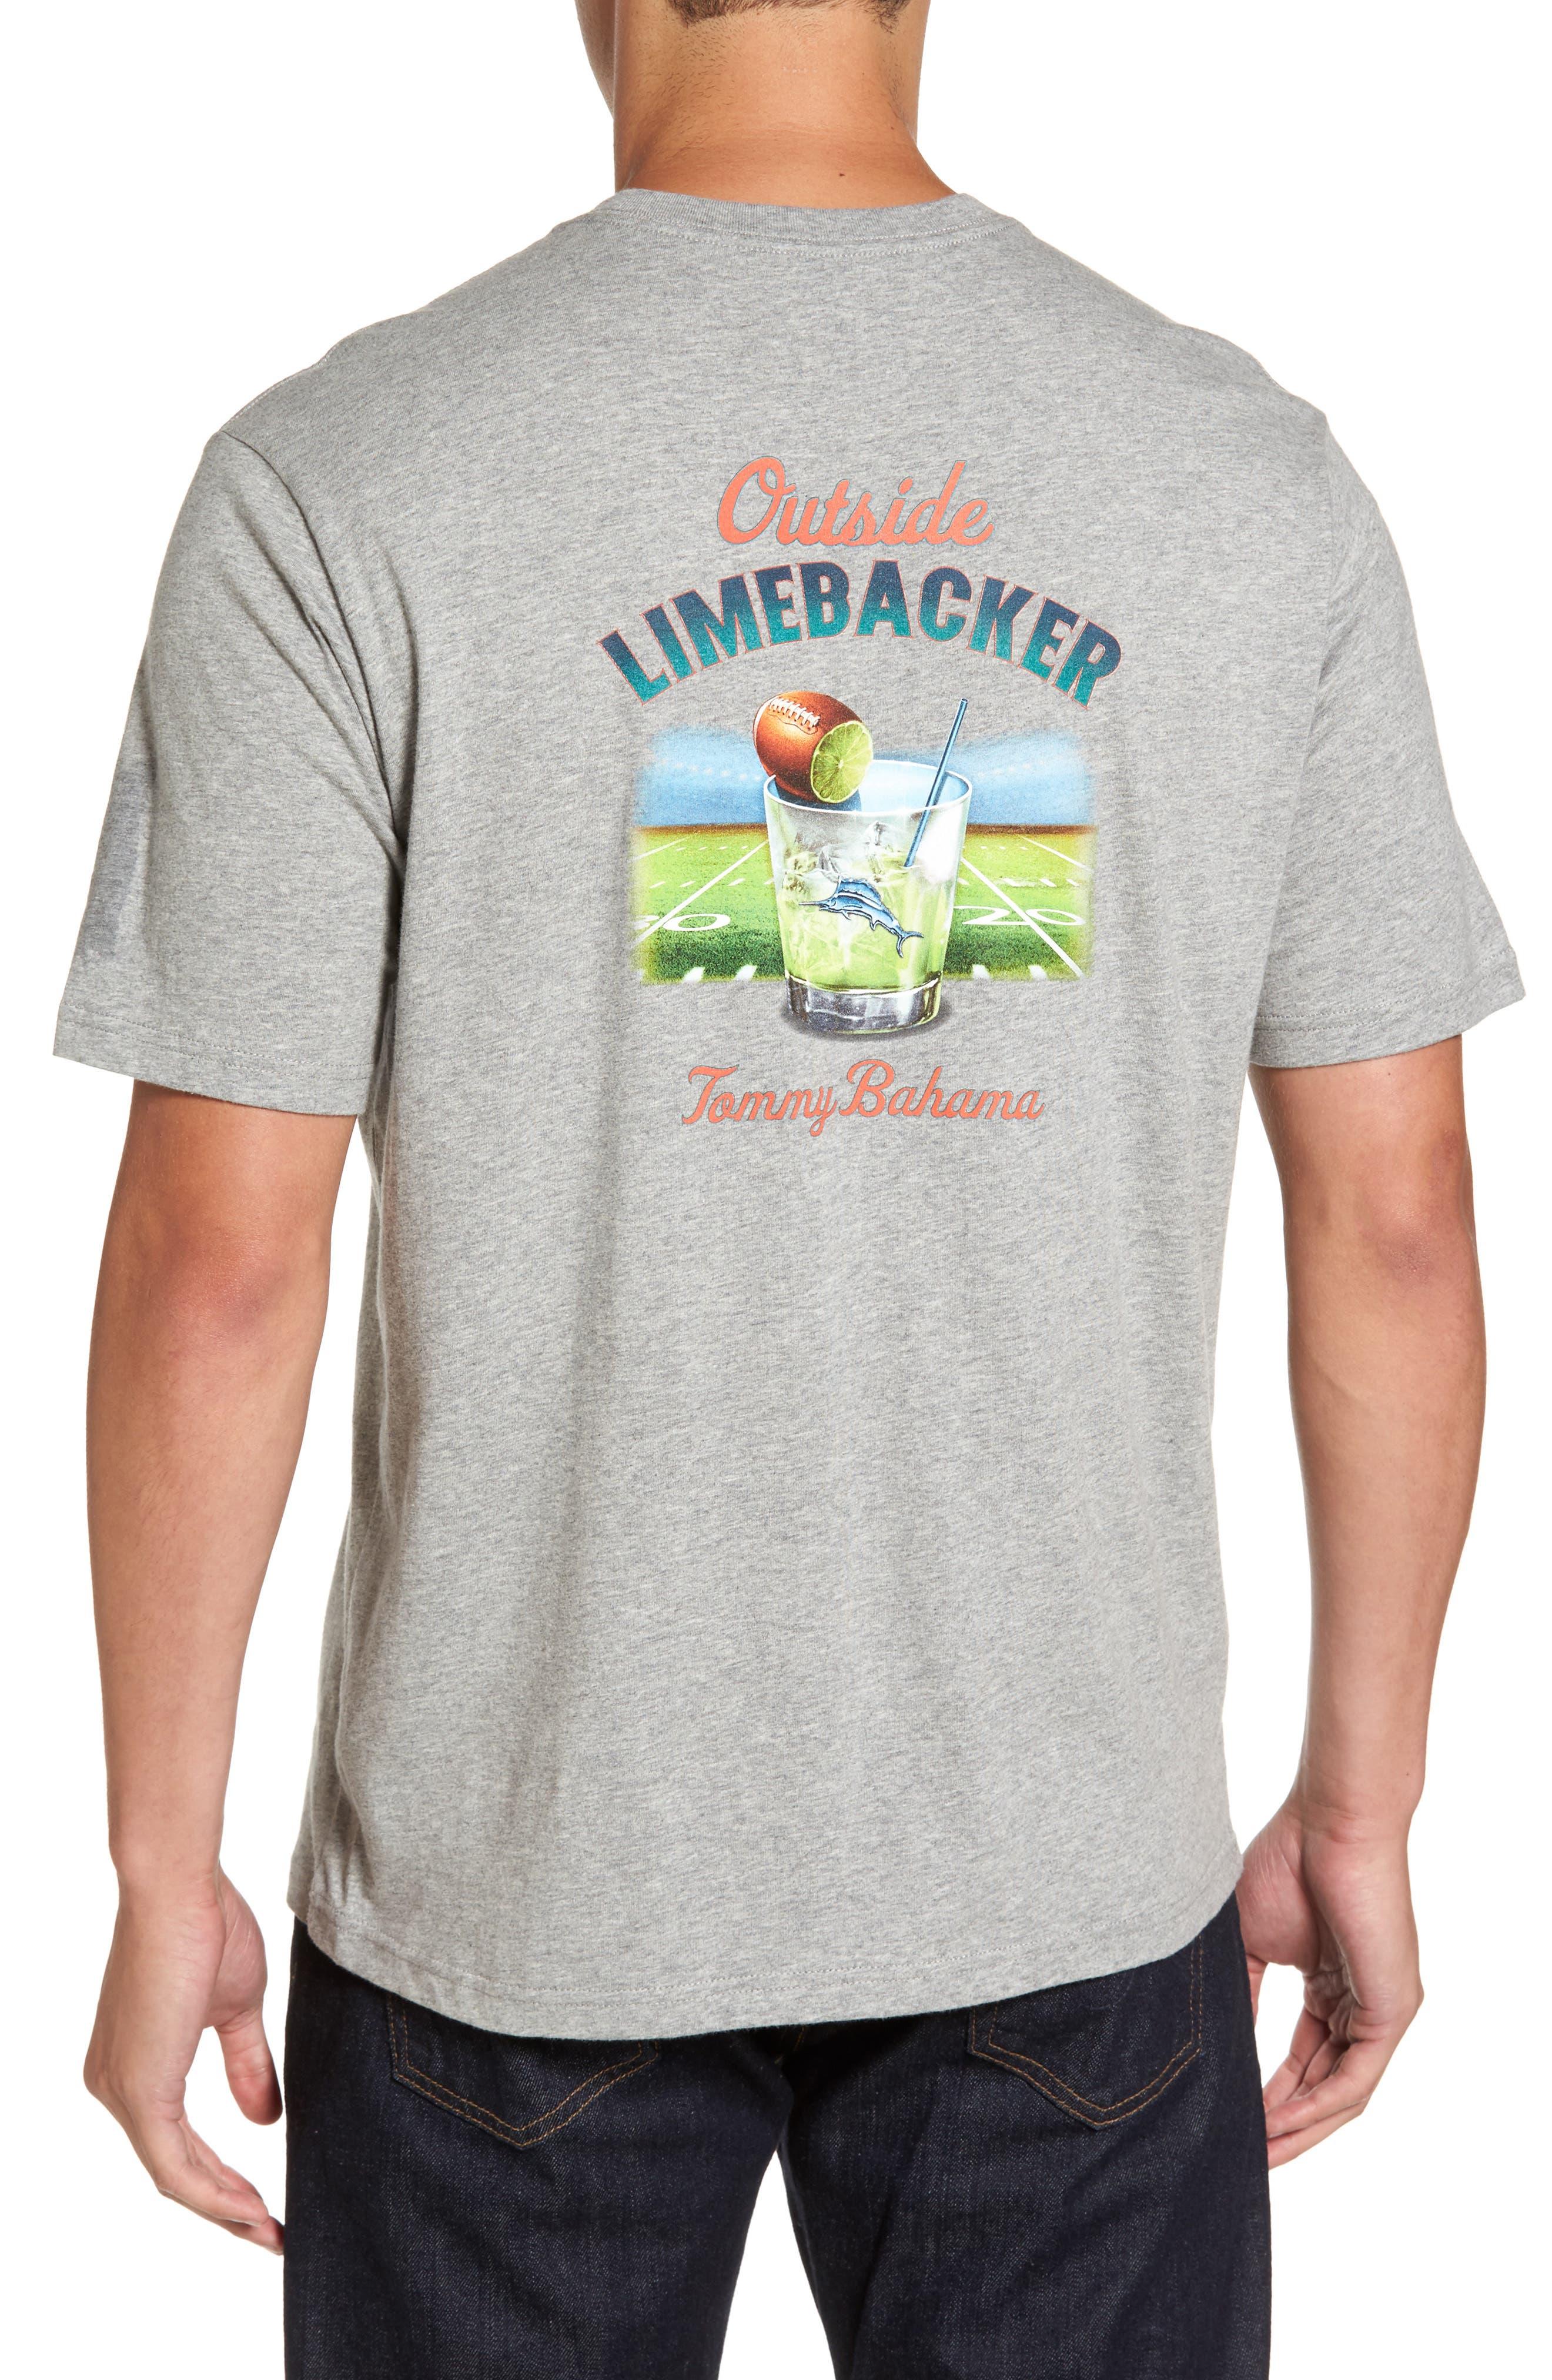 Outside Limebacker Standard Fit T-Shirt,                             Alternate thumbnail 2, color,                             051